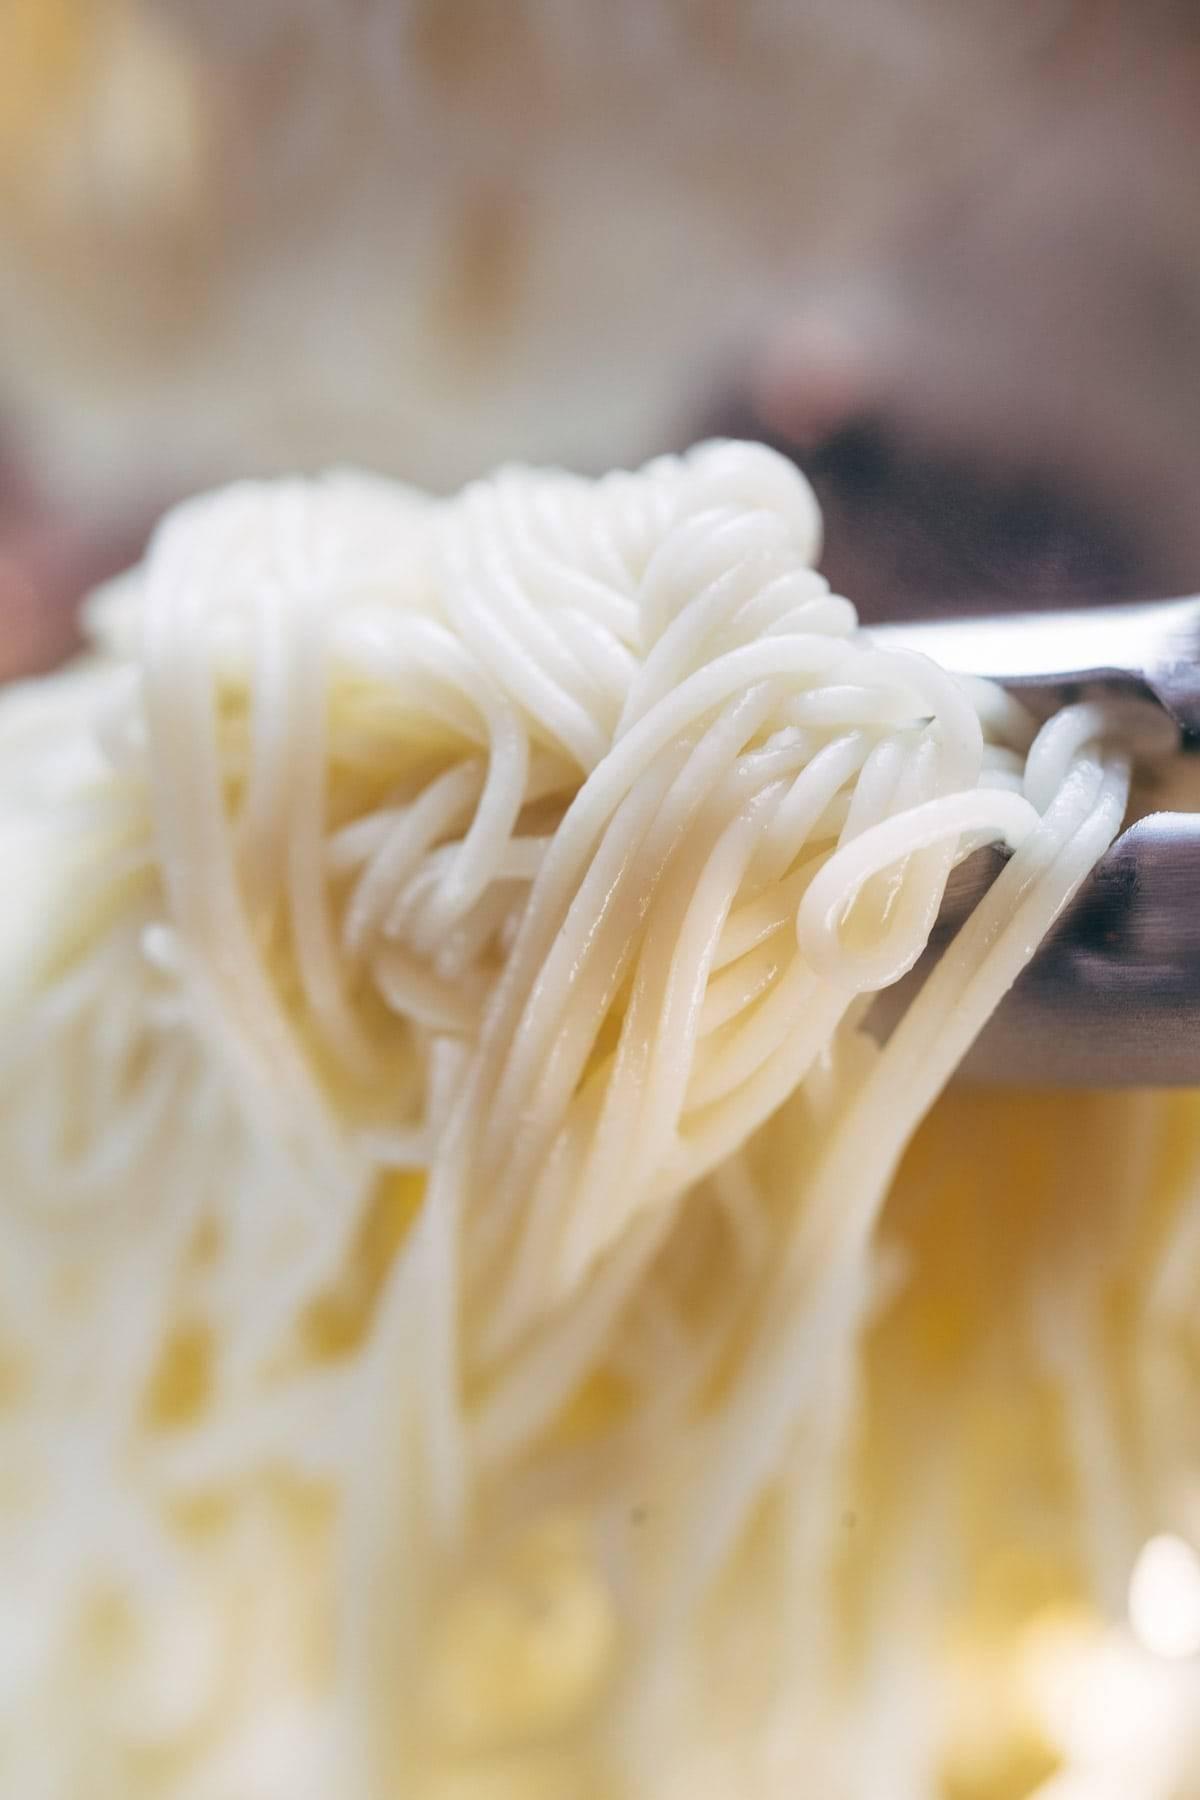 DeLallo Capellini for Capellini Pomodoro | pinchofyum.com